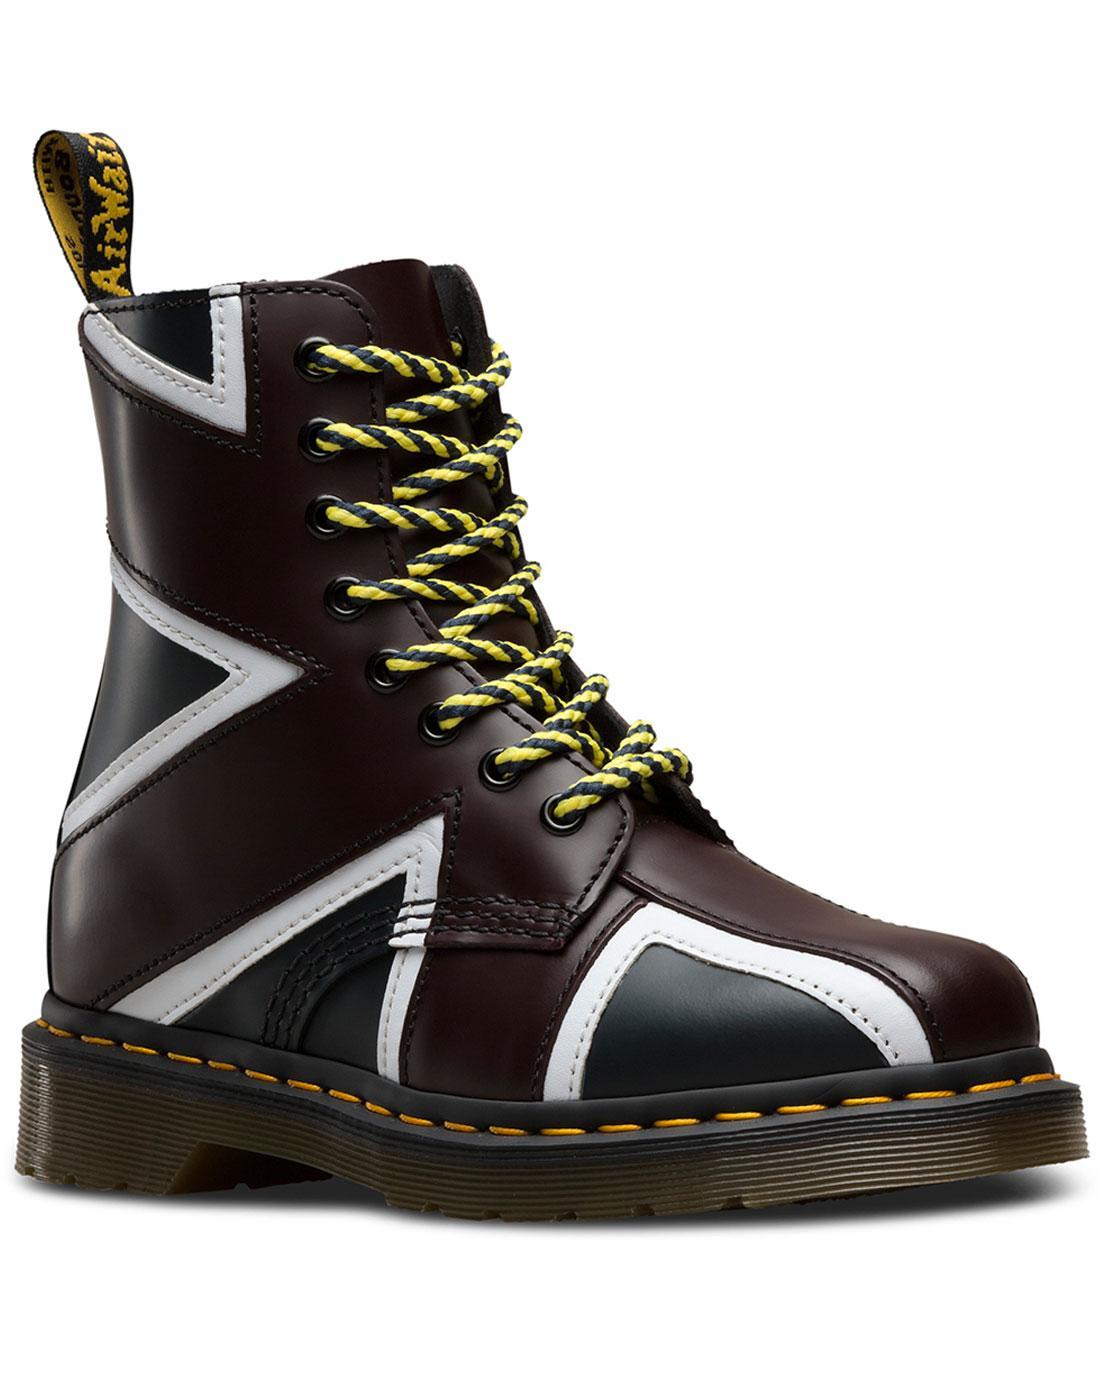 Pascal Brit DR MARTENS Mod Punk Union Jack Boots